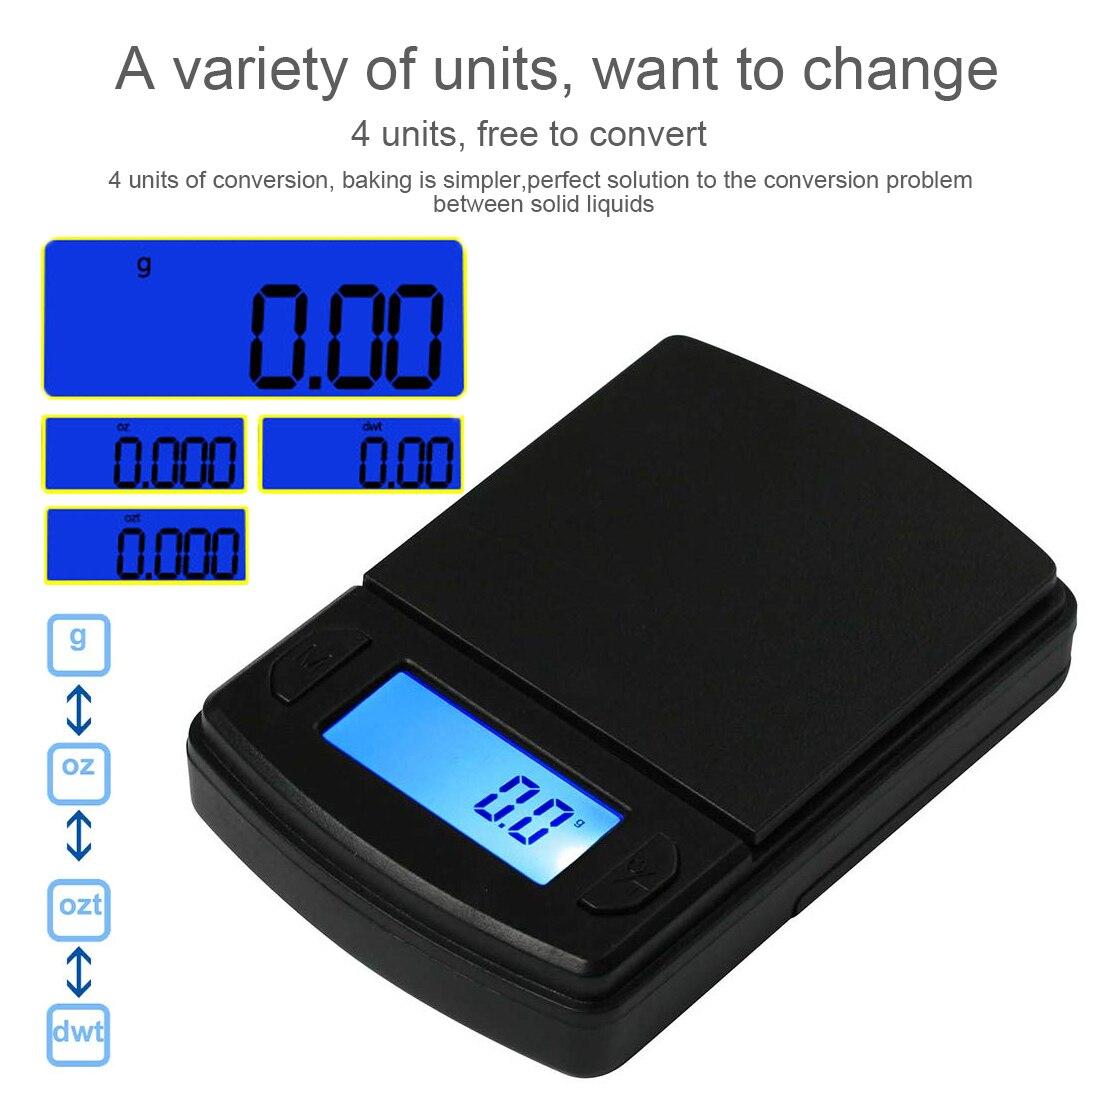 Мини цифровые весы 500 г/200 г/100 г Карманные электронные весы с ЖК-дисплеем, кухонные весы для путешествий, ювелирные изделия